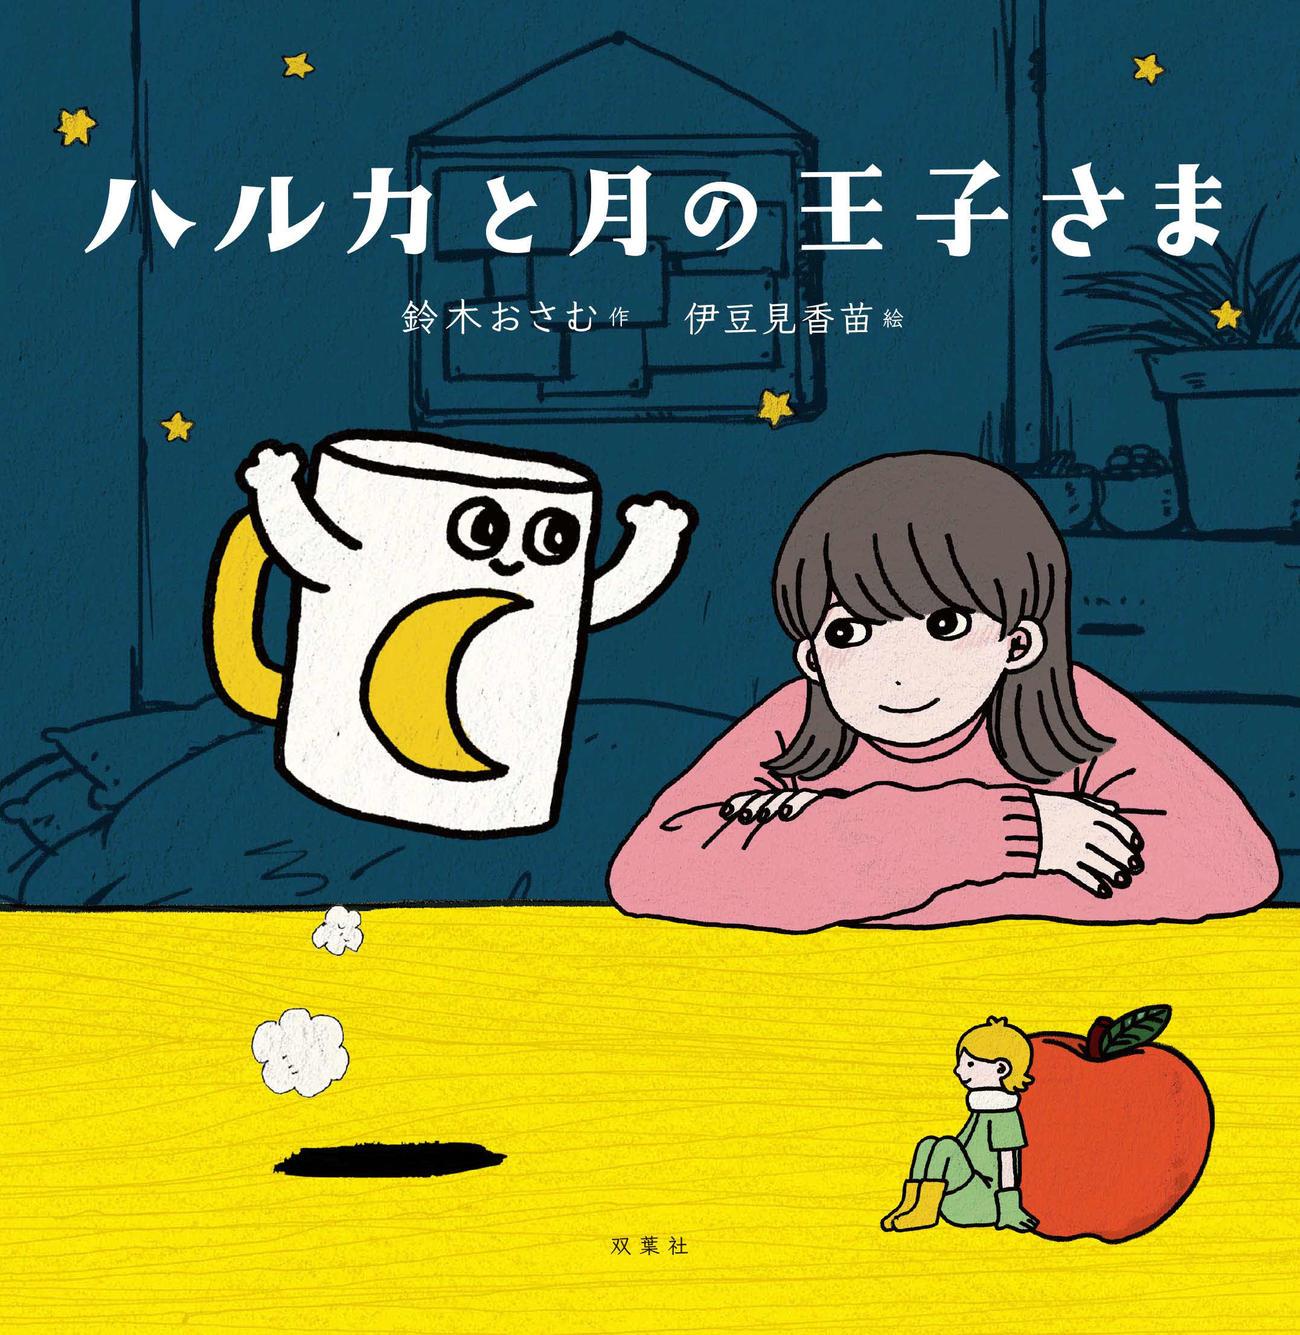 YOASOBIの第6弾楽曲「ハルカ」の原作となるビジュアル小説